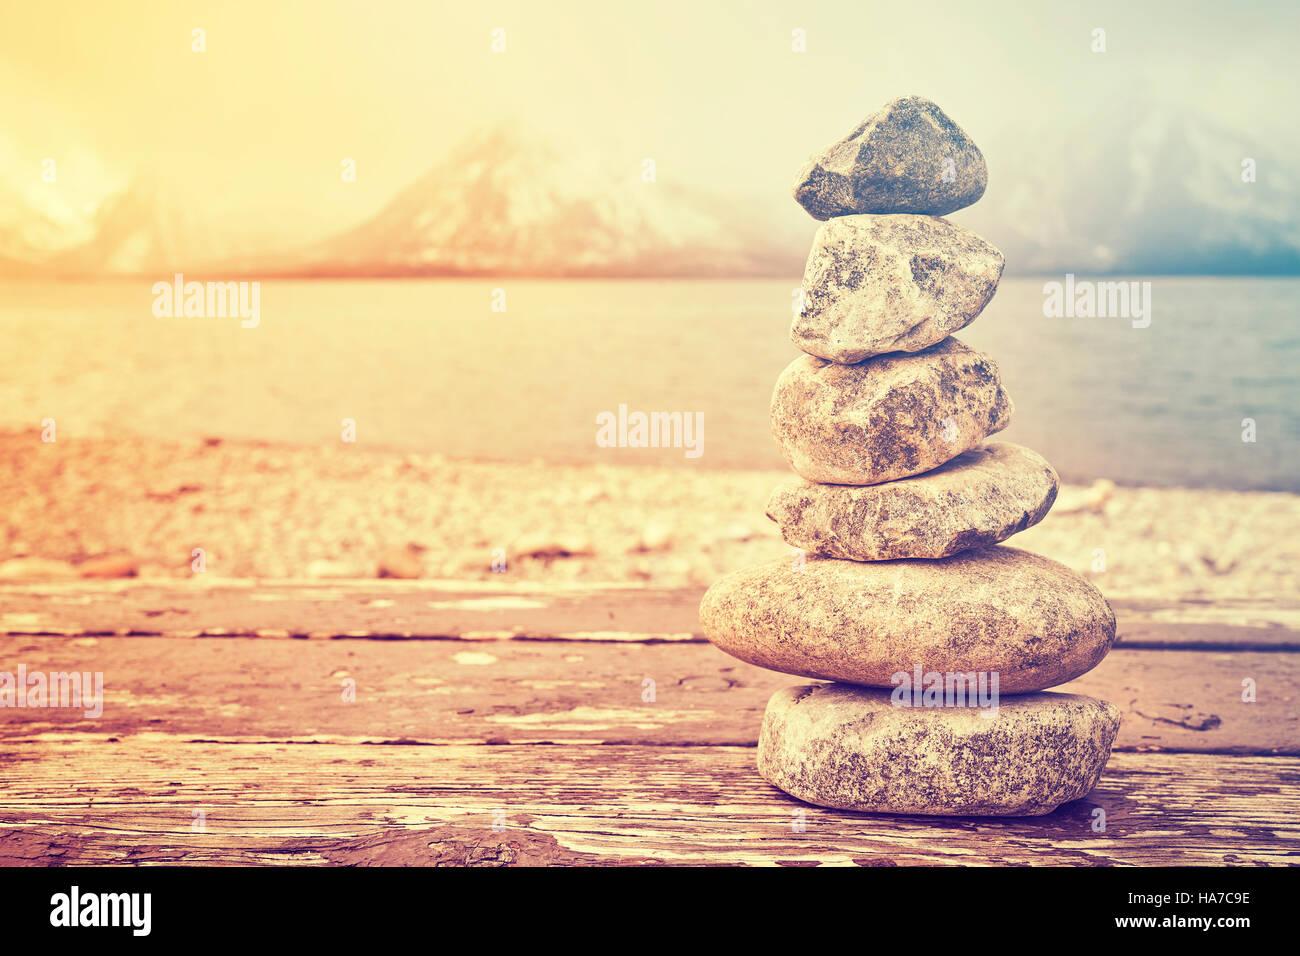 Vintage getönten Stapel von Steinen, Gleichgewicht und Harmonie Konzept, Grand-Teton-Nationalpark, Wyoming, Stockbild